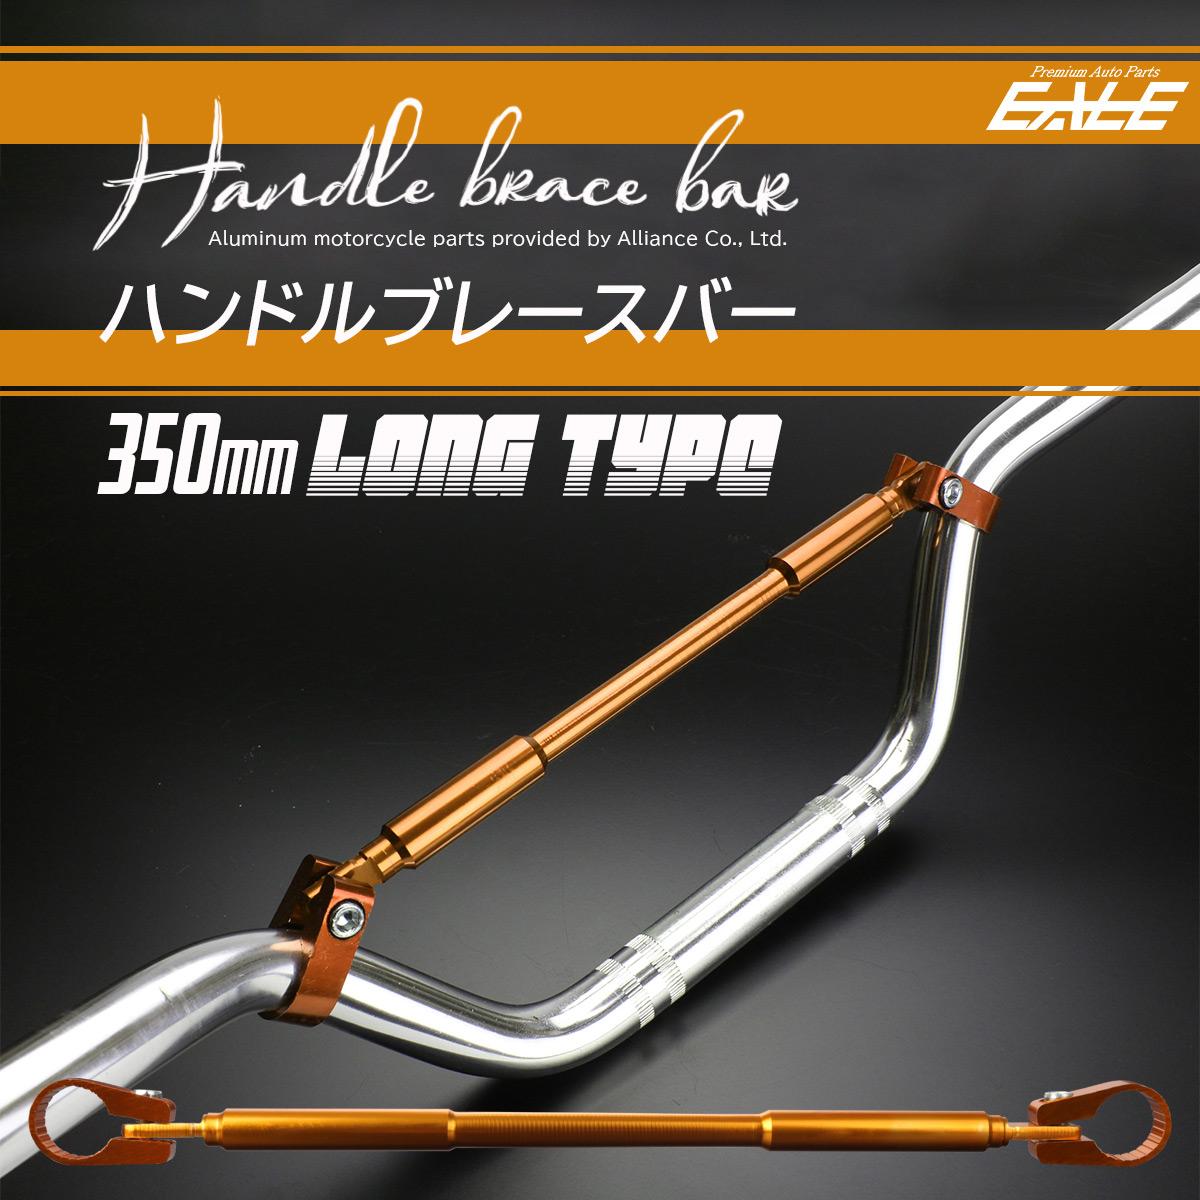 汎用 ハンドルブレースバー アルミ 適合22.2mm径ハンドルバー ロングタイプ 全長350mm 剛性アップ ドレスアップ S-311-GL